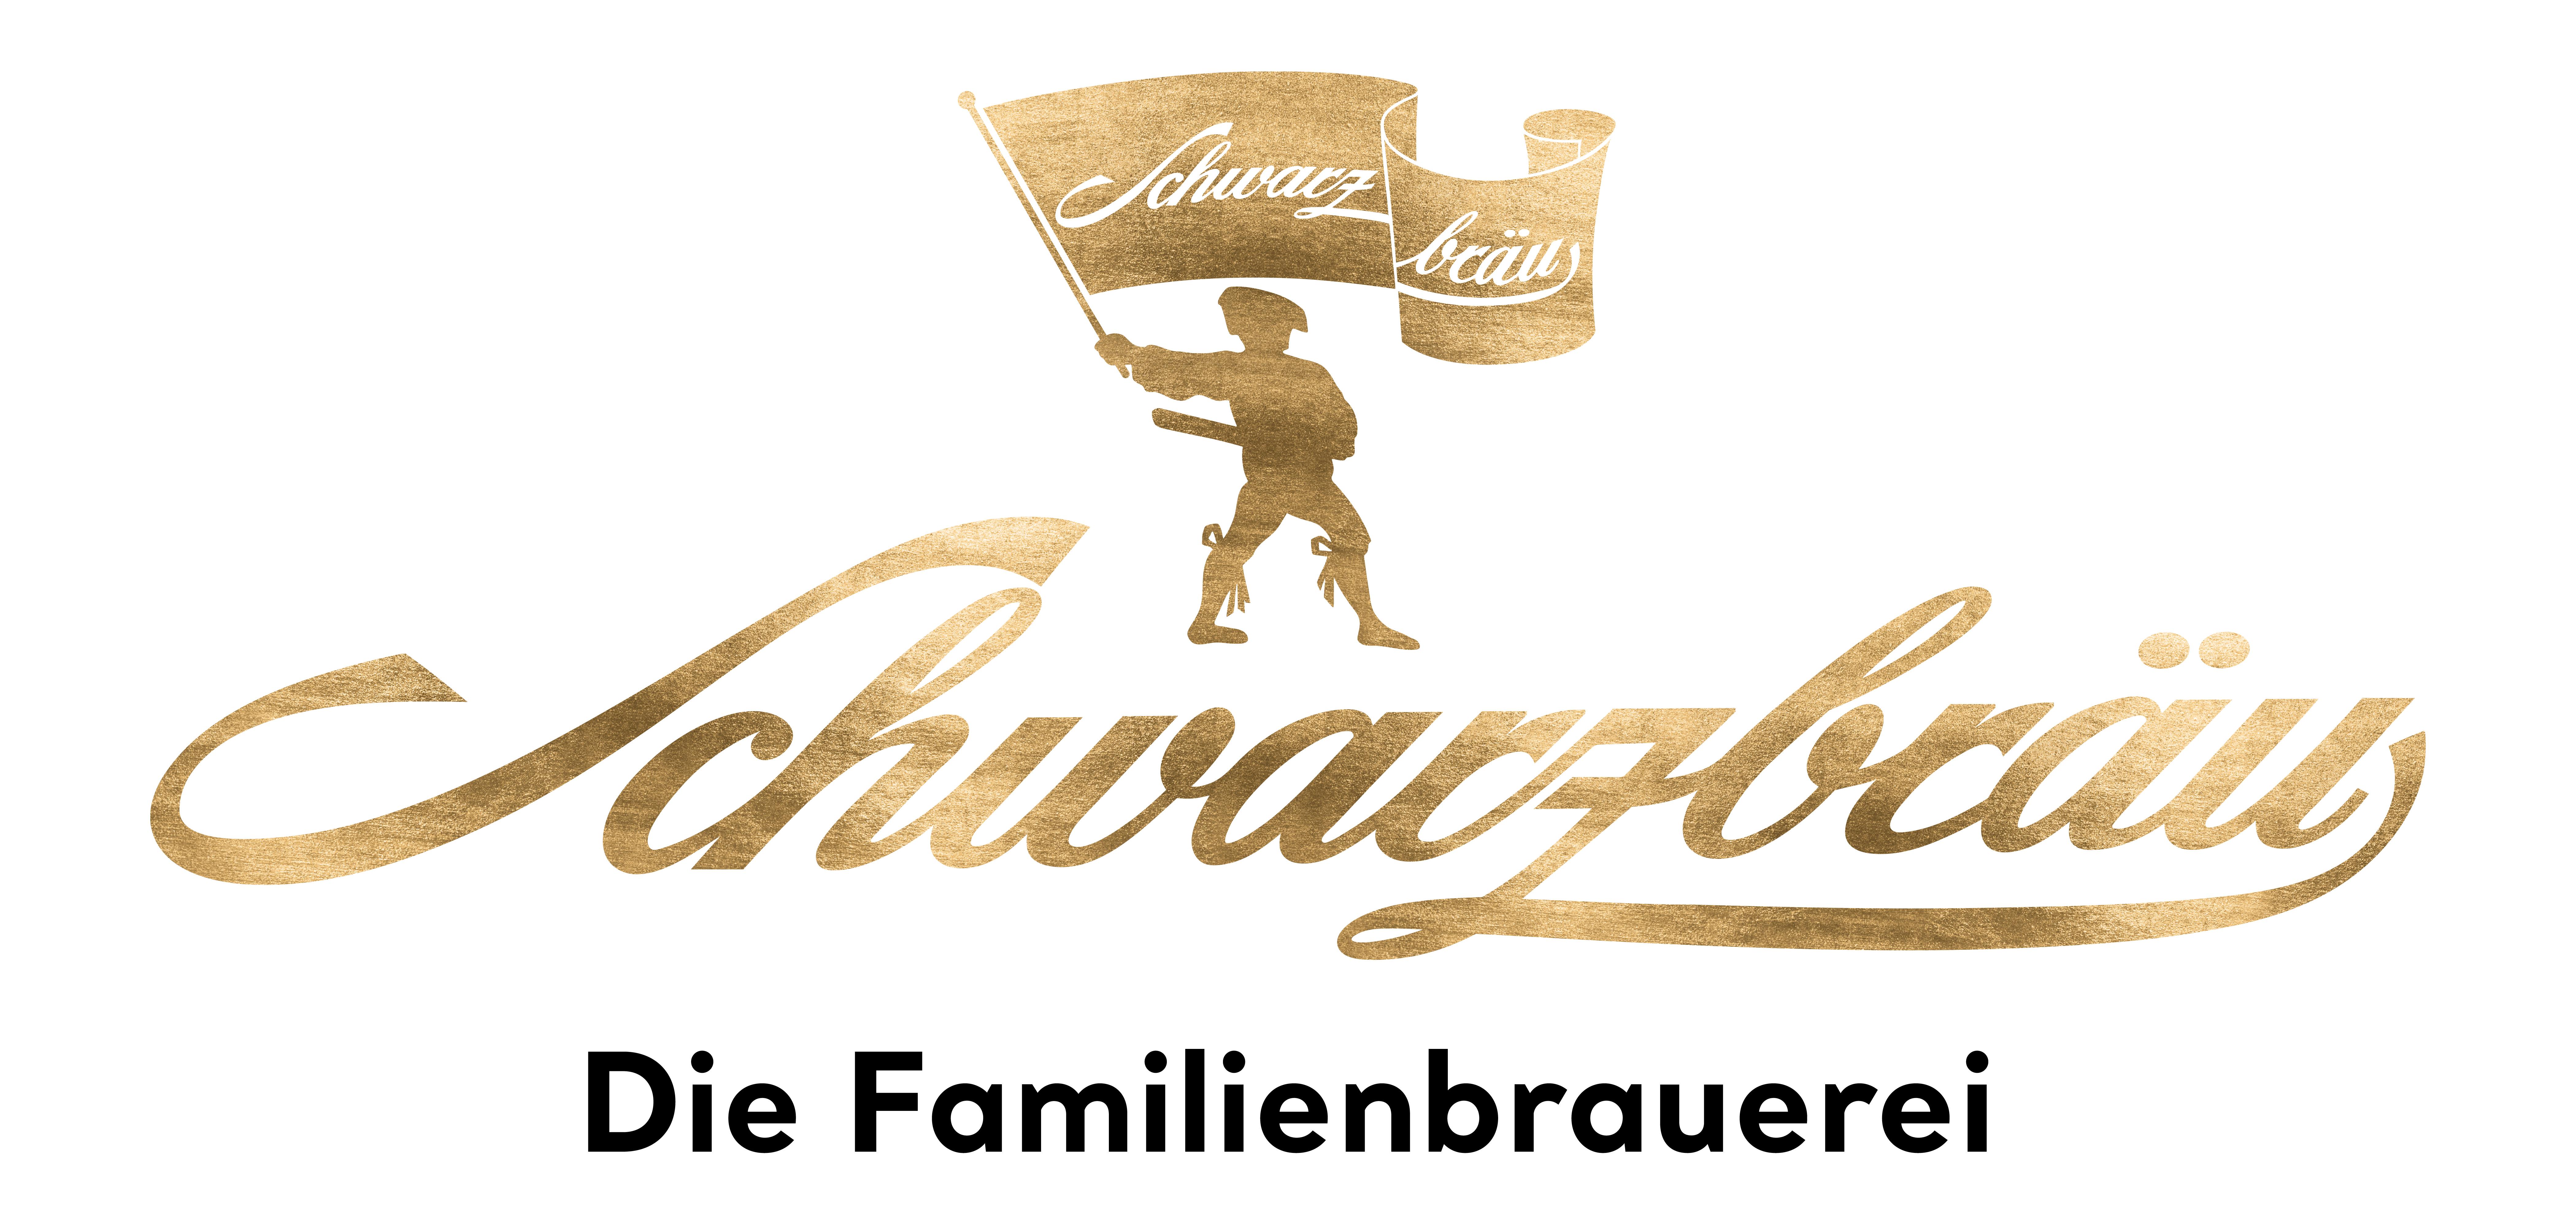 Schwarzbraeu_Logo_Fahnenschwinger_4c_strukturgold_auf_schwarz_Pfade-01